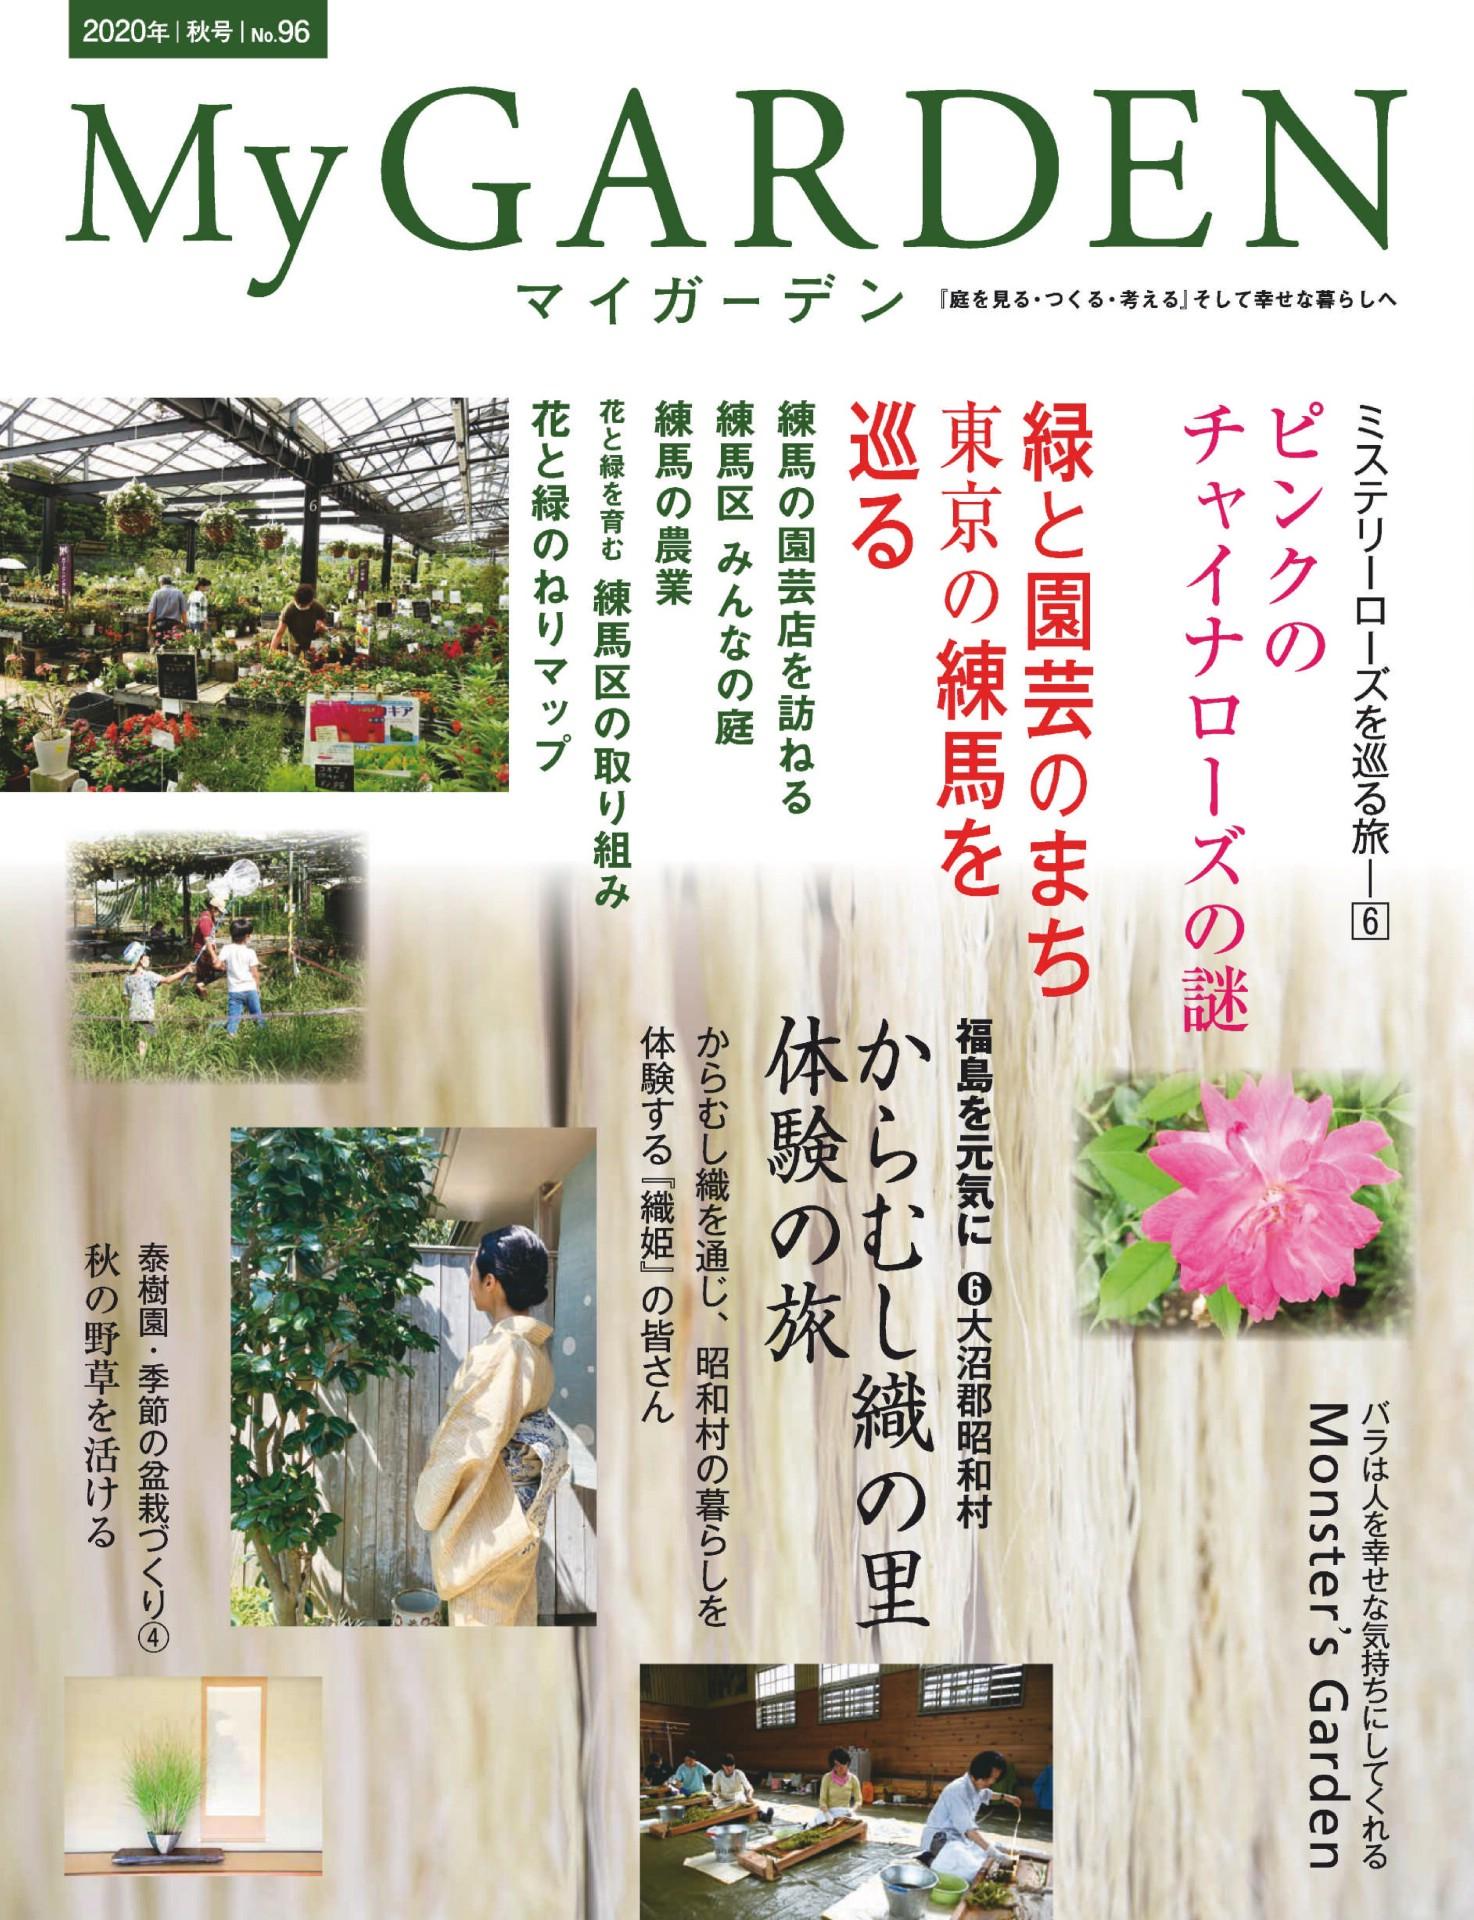 [雑誌] My GARDEN -マイガーデン- No.96